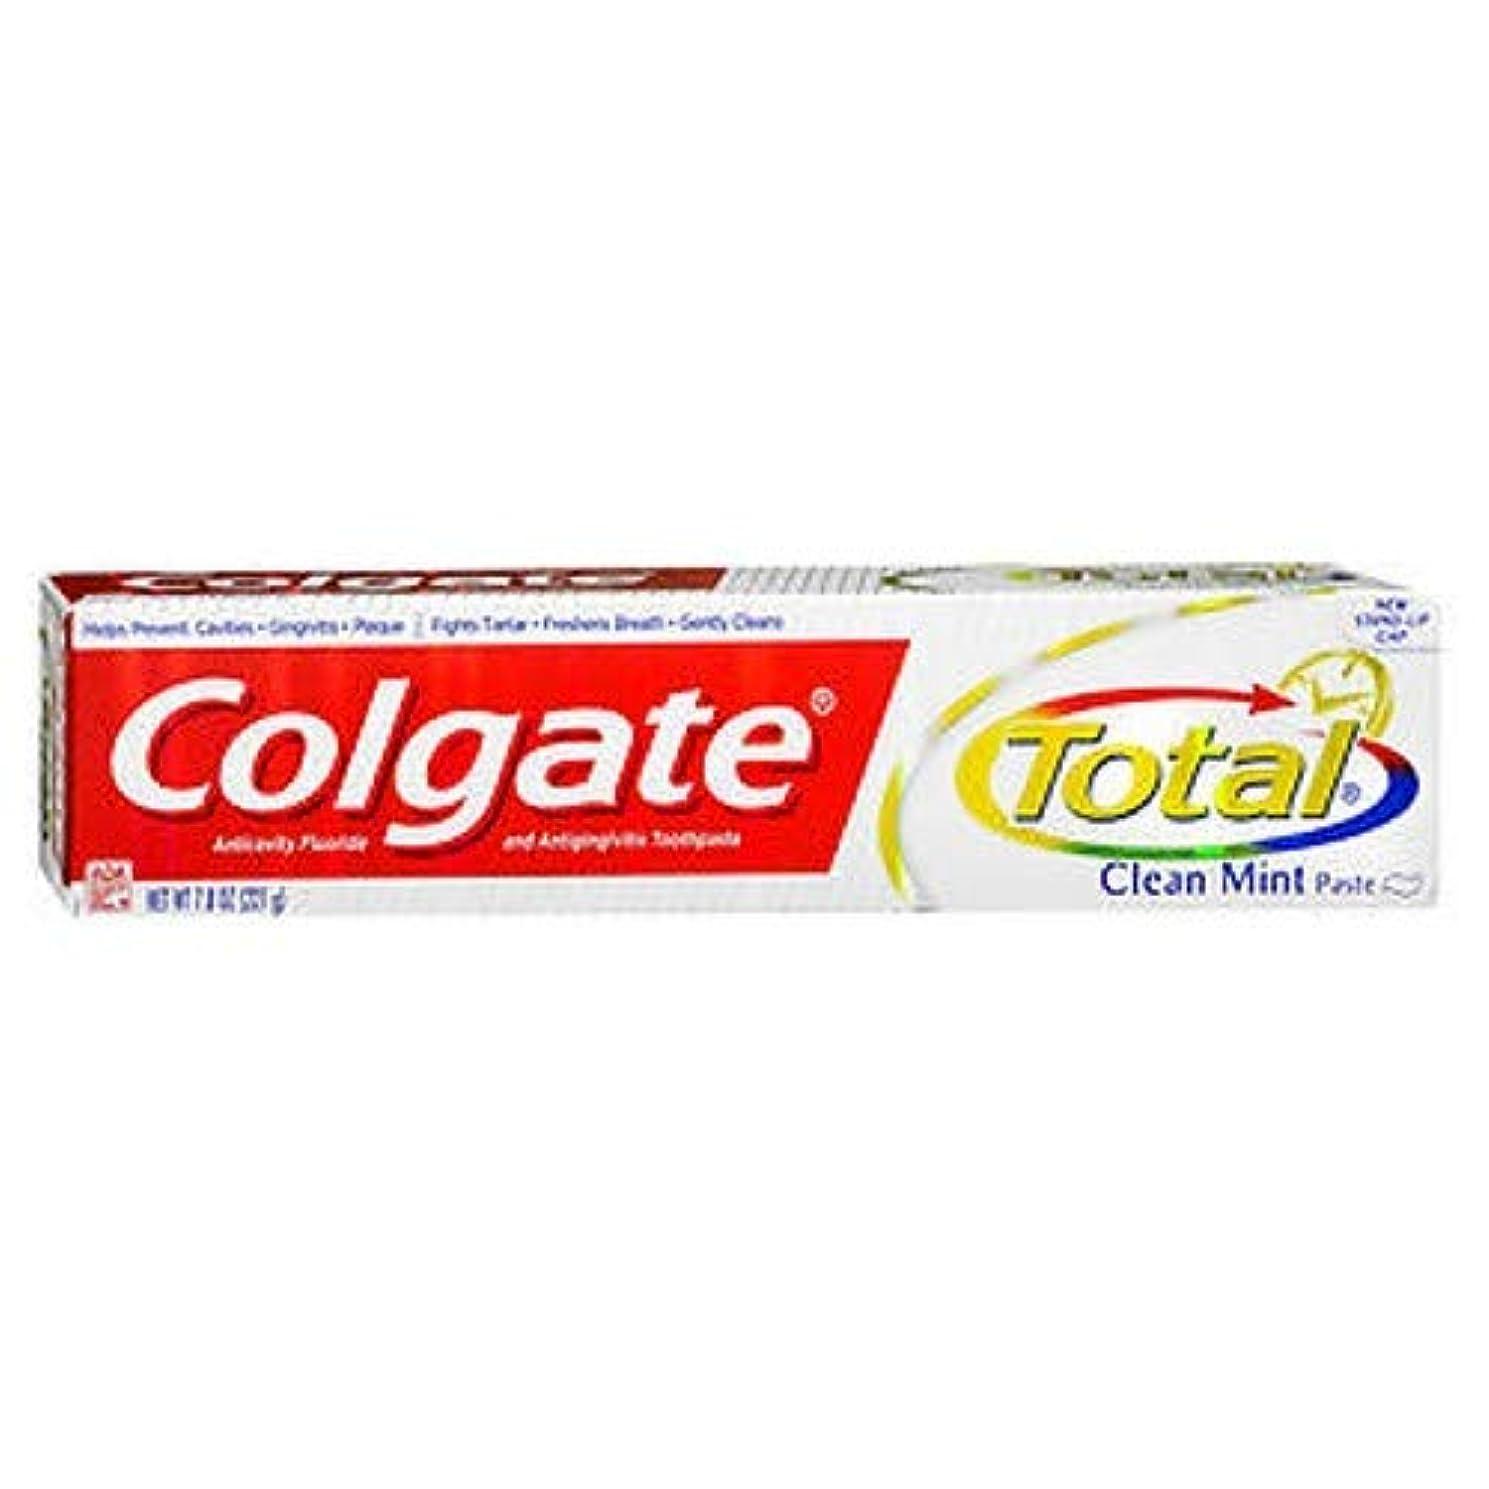 破壊的な品揃え誘惑するColgate 総フッ化物の歯磨き粉クリーンミント、7.80オンス(4パック)